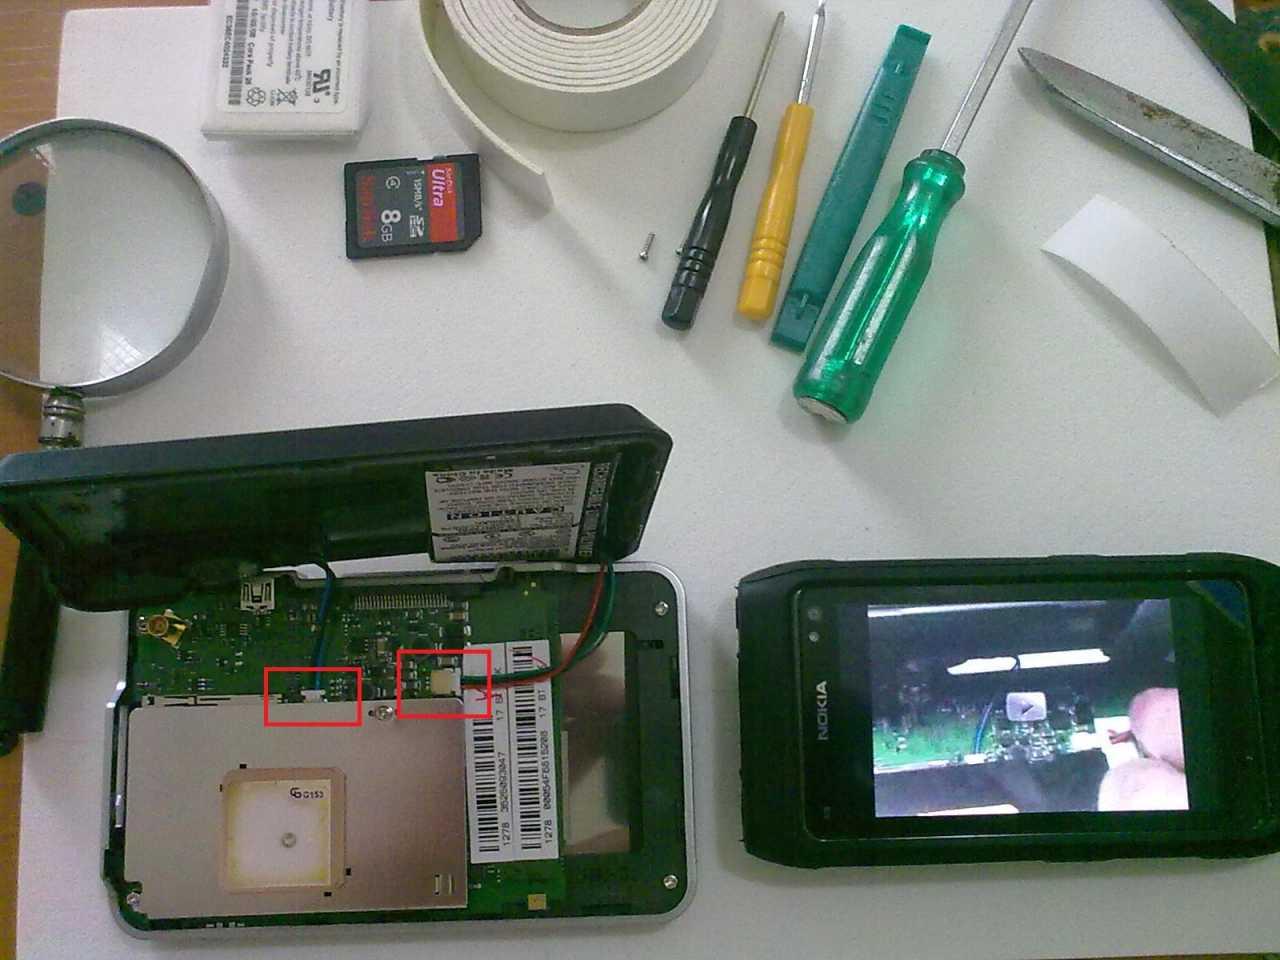 GPSYV-Reemplazodebateranuvi78010.jpg